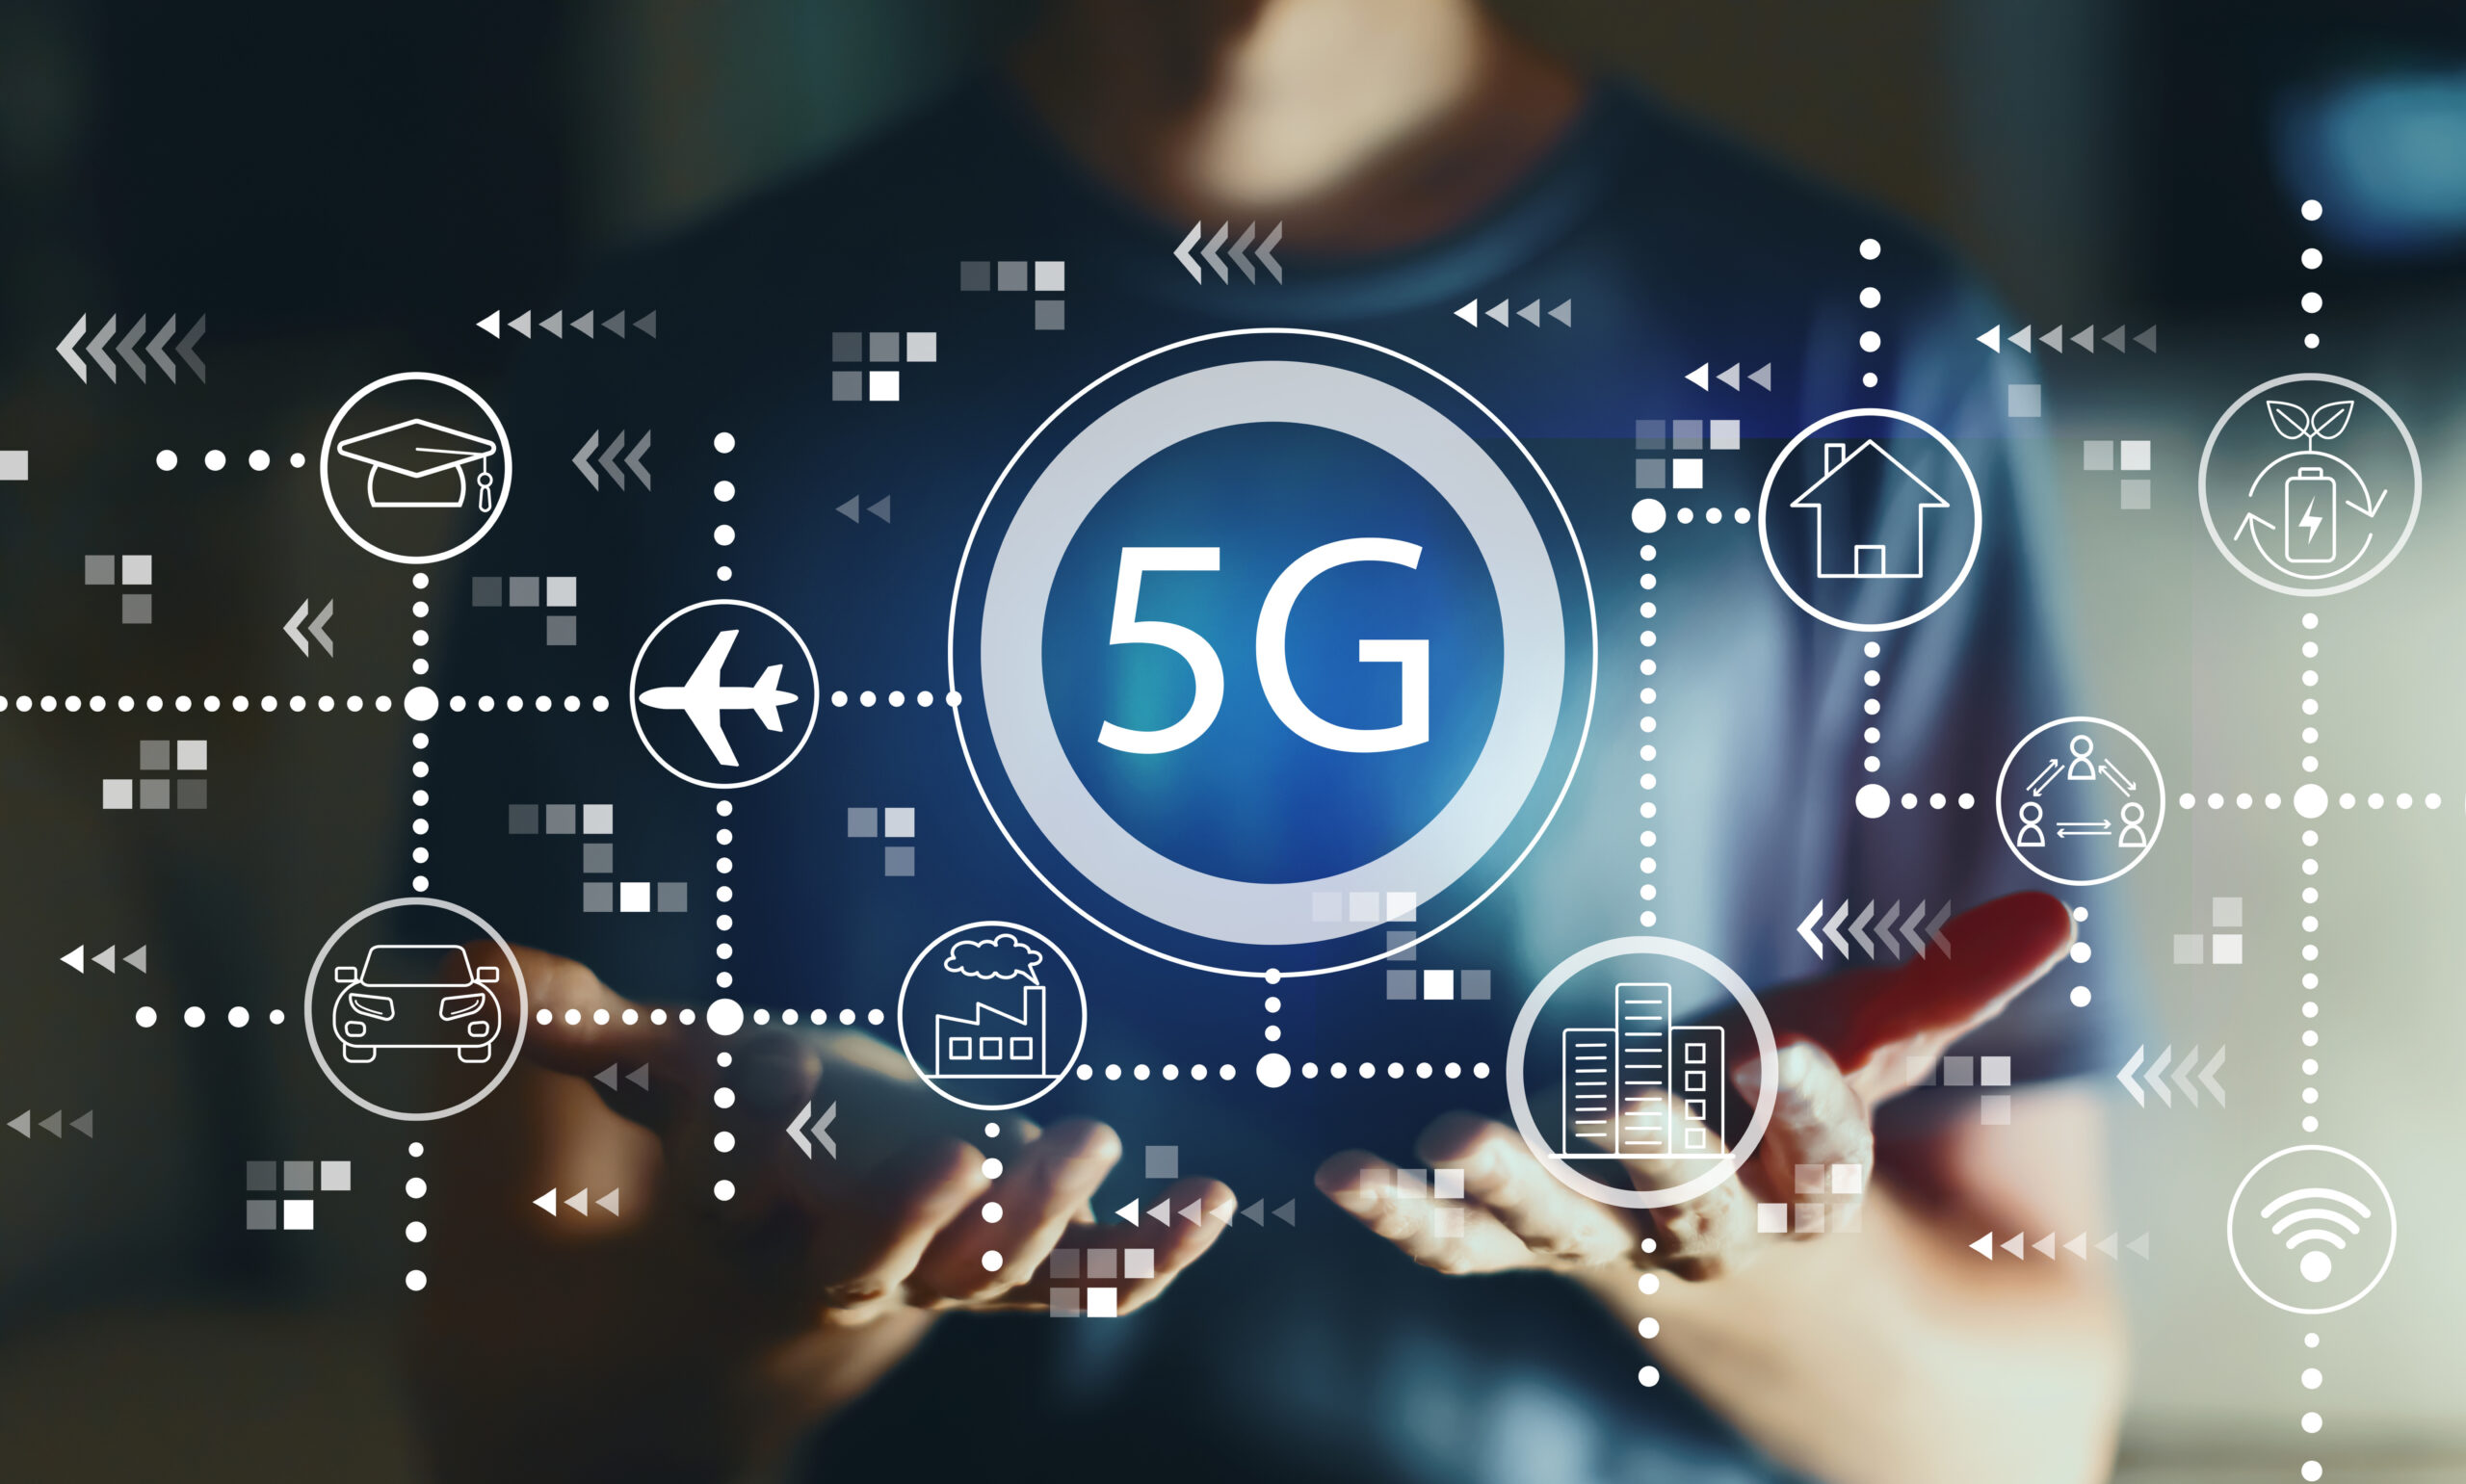 產官學精英8月20日齊聚「5G應用新領域」論壇 盼交流為產業提出前瞻見解